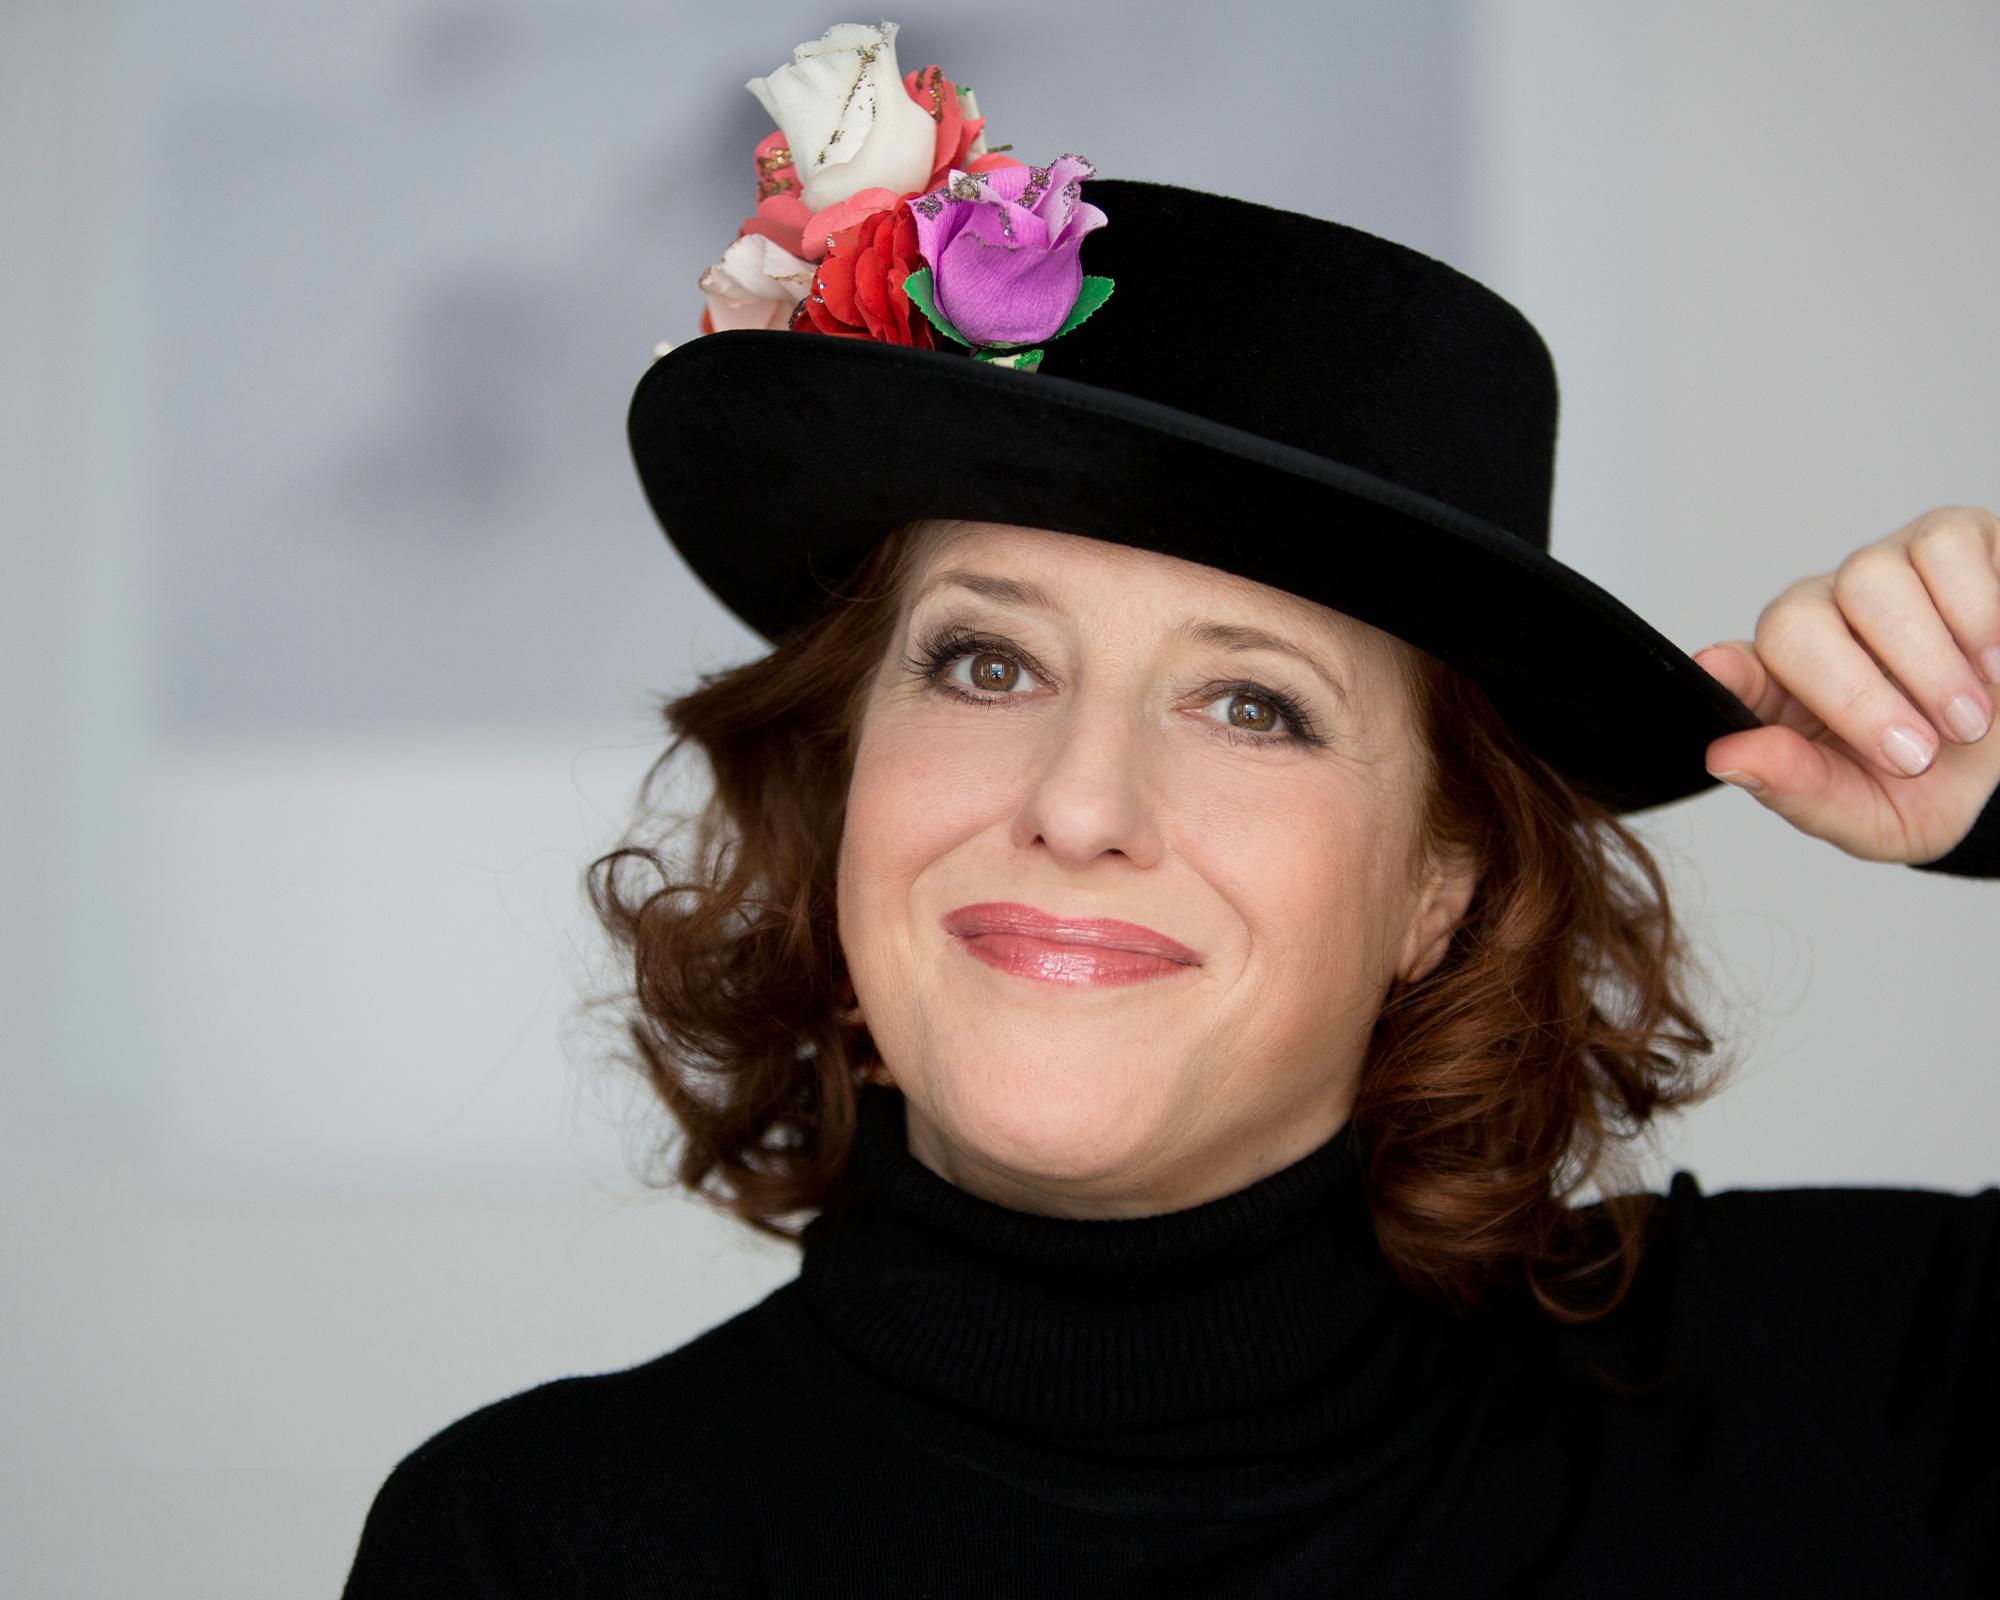 Luise Kinseher lächelnd mit Hut